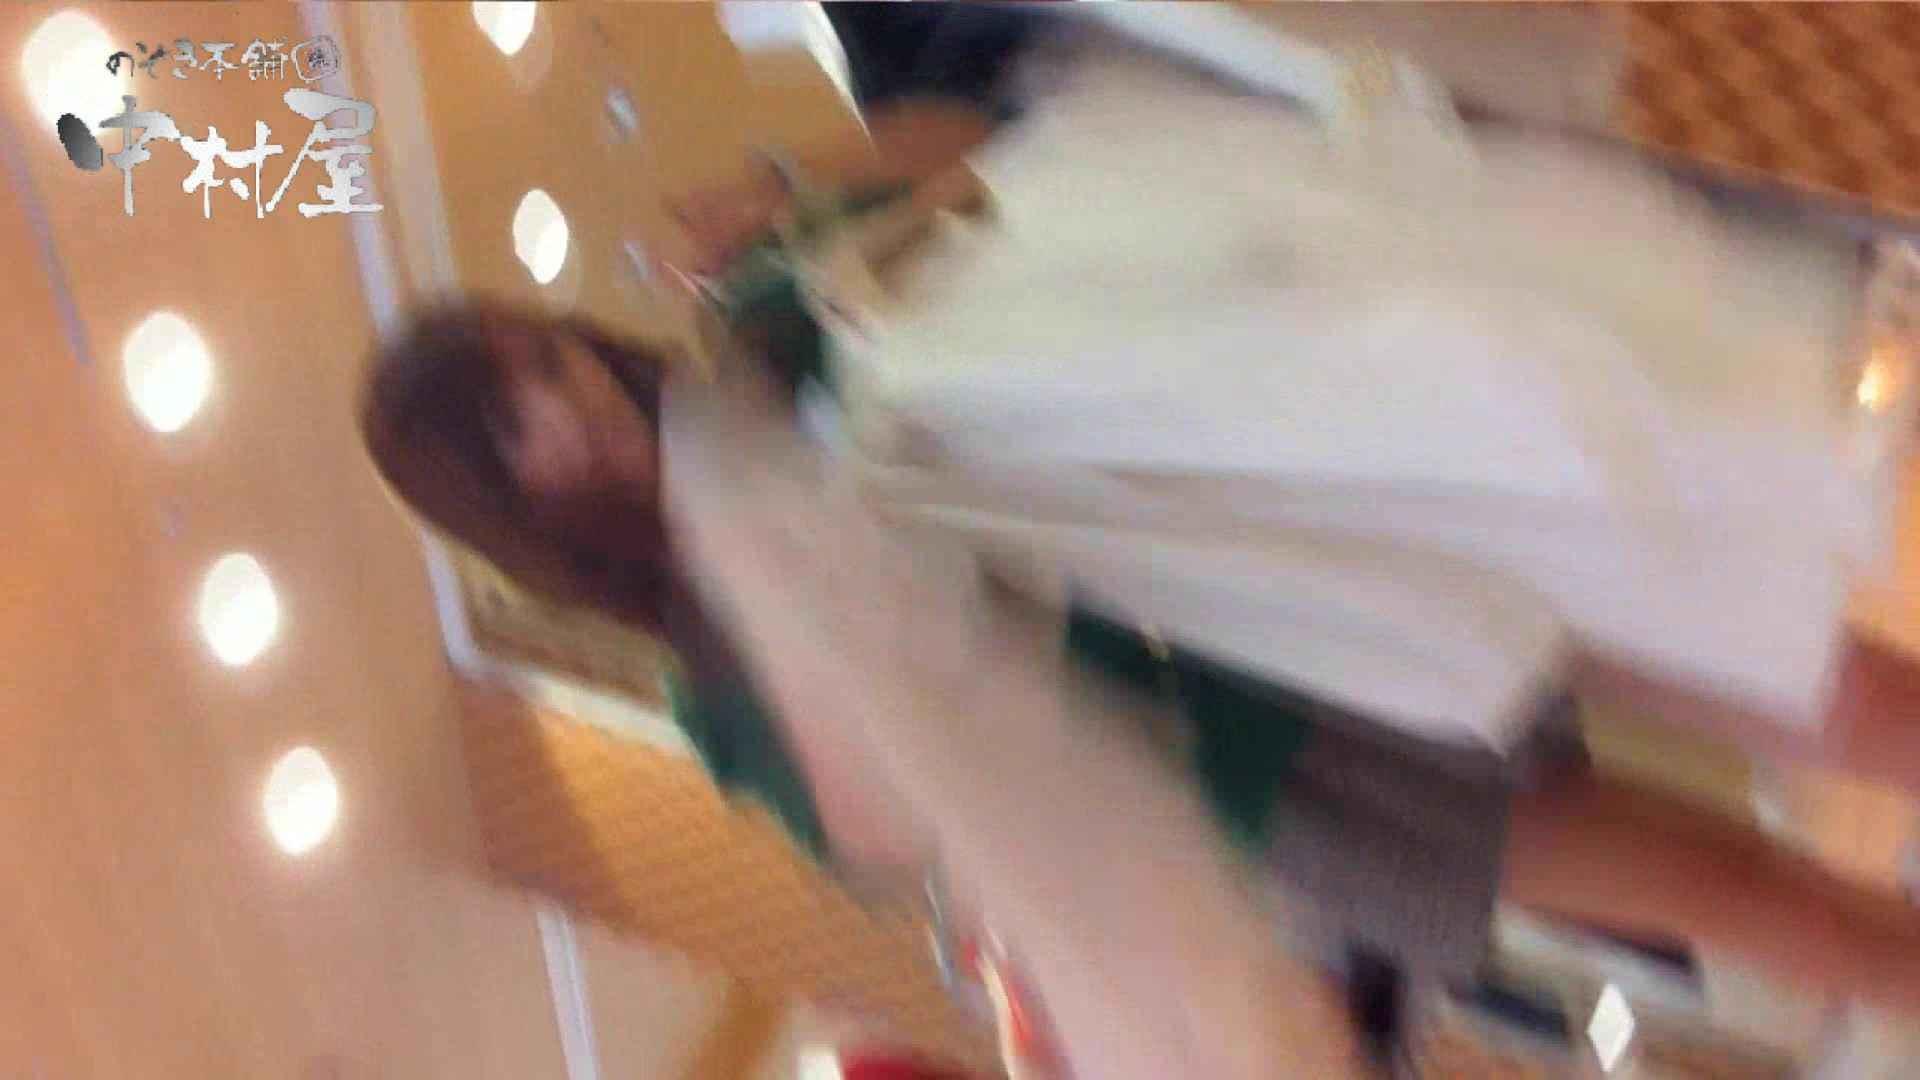 vol.48可愛いカリスマ店員胸チラ&パンチラ アニメ声の店員さん 接写  35pic 27